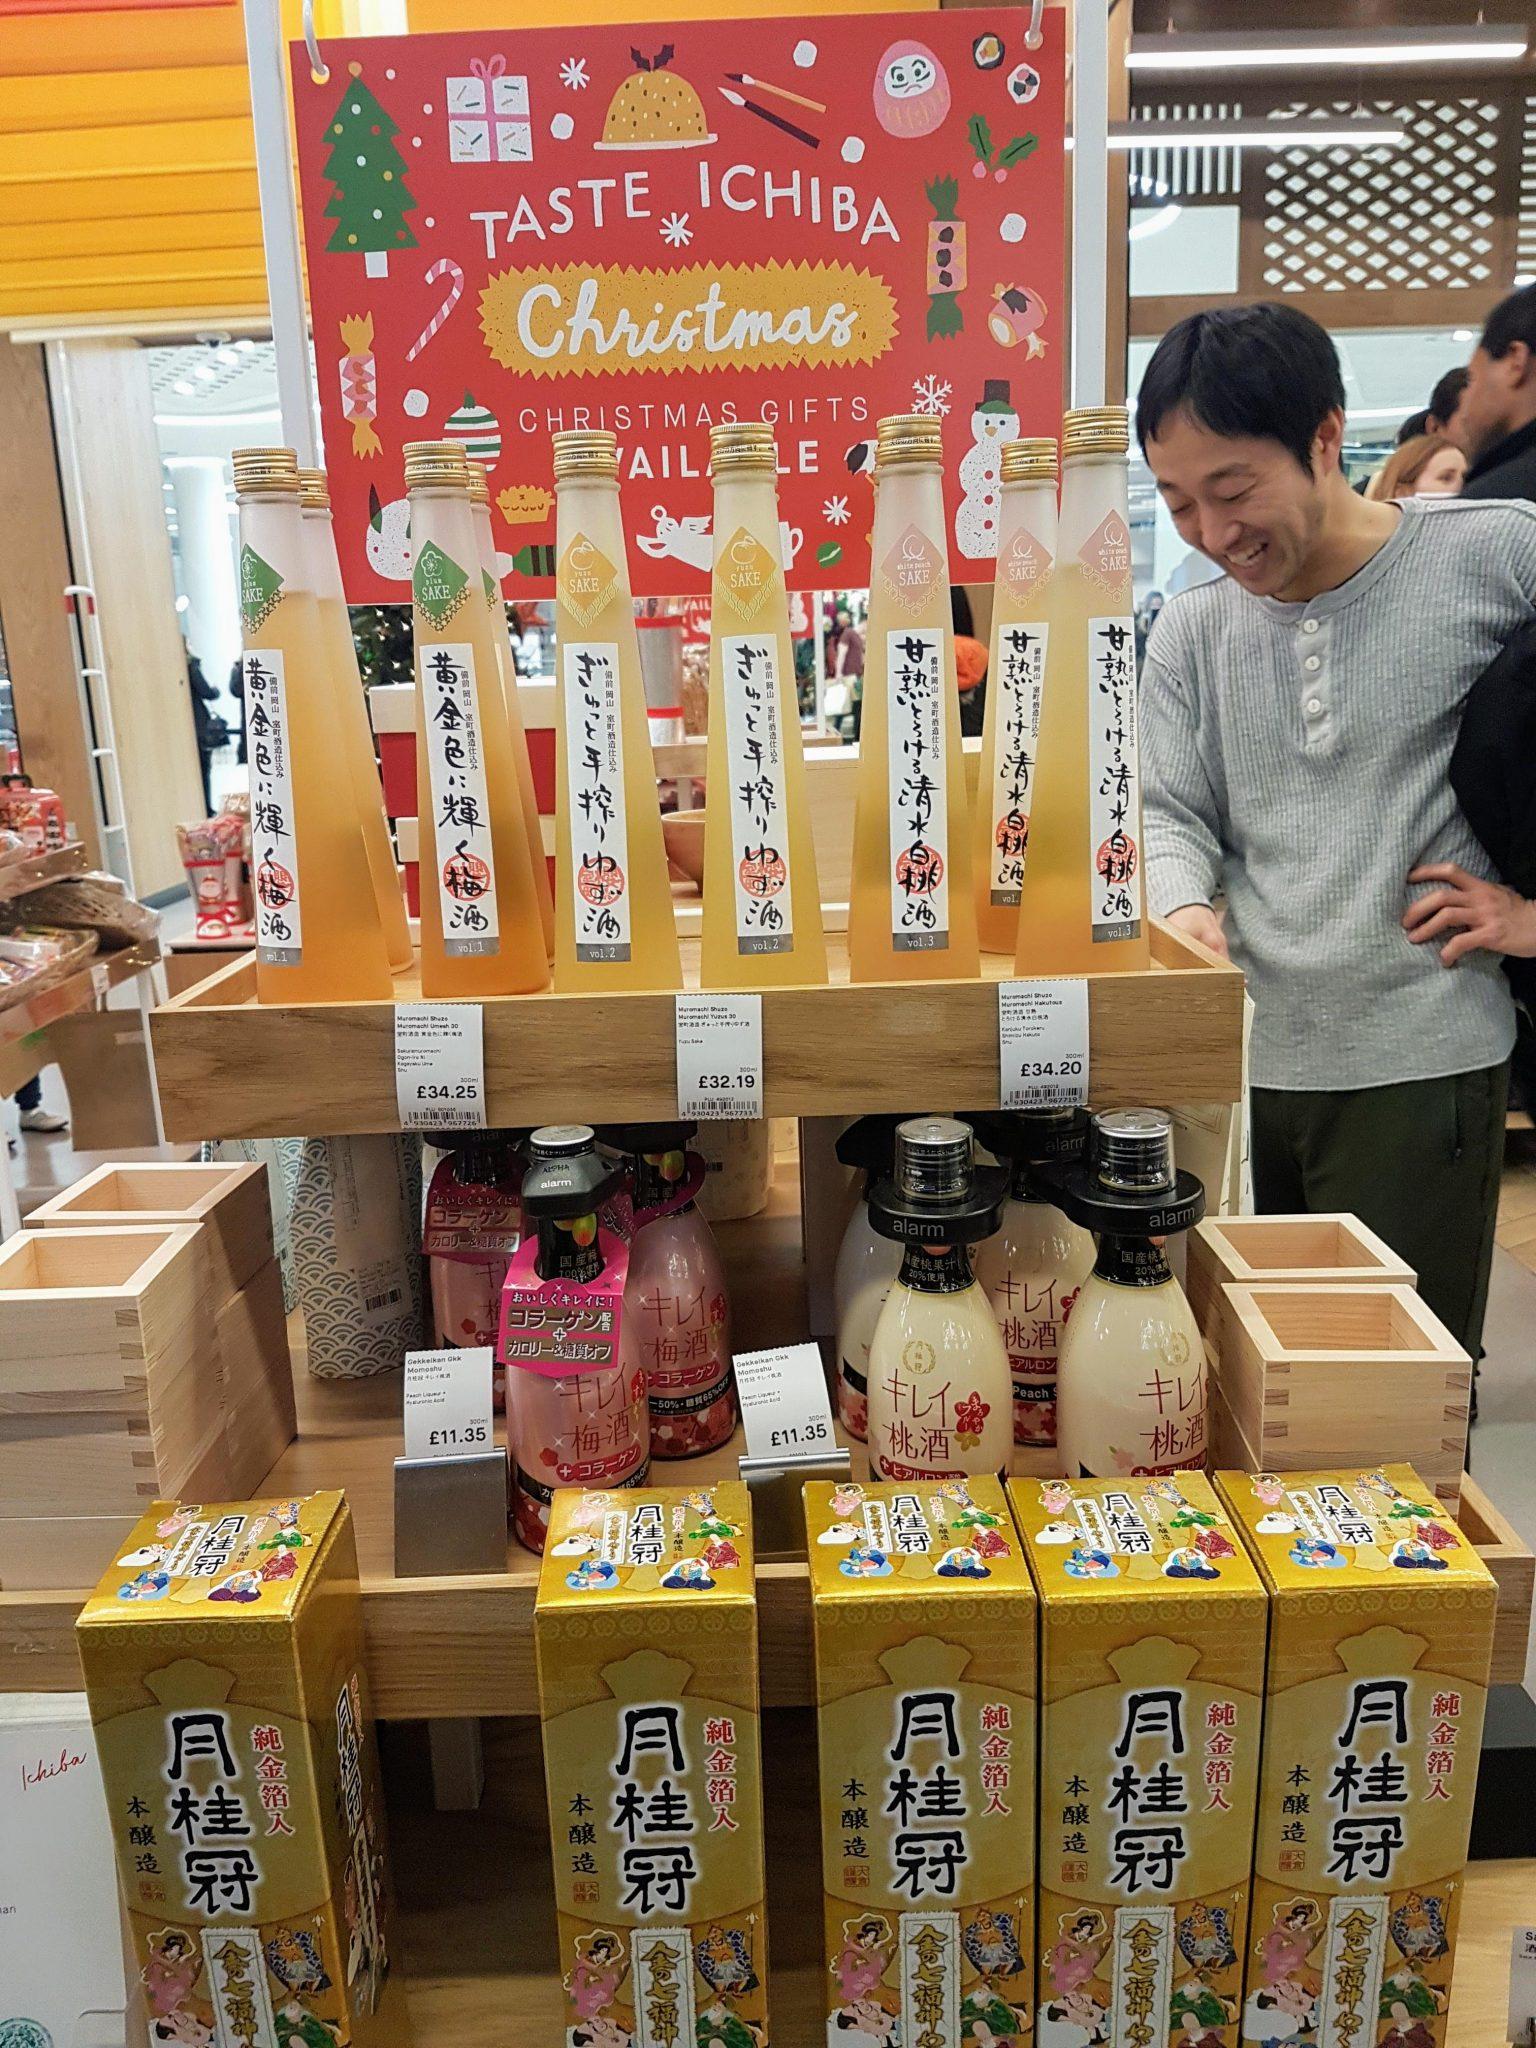 Christmas at Ichiba